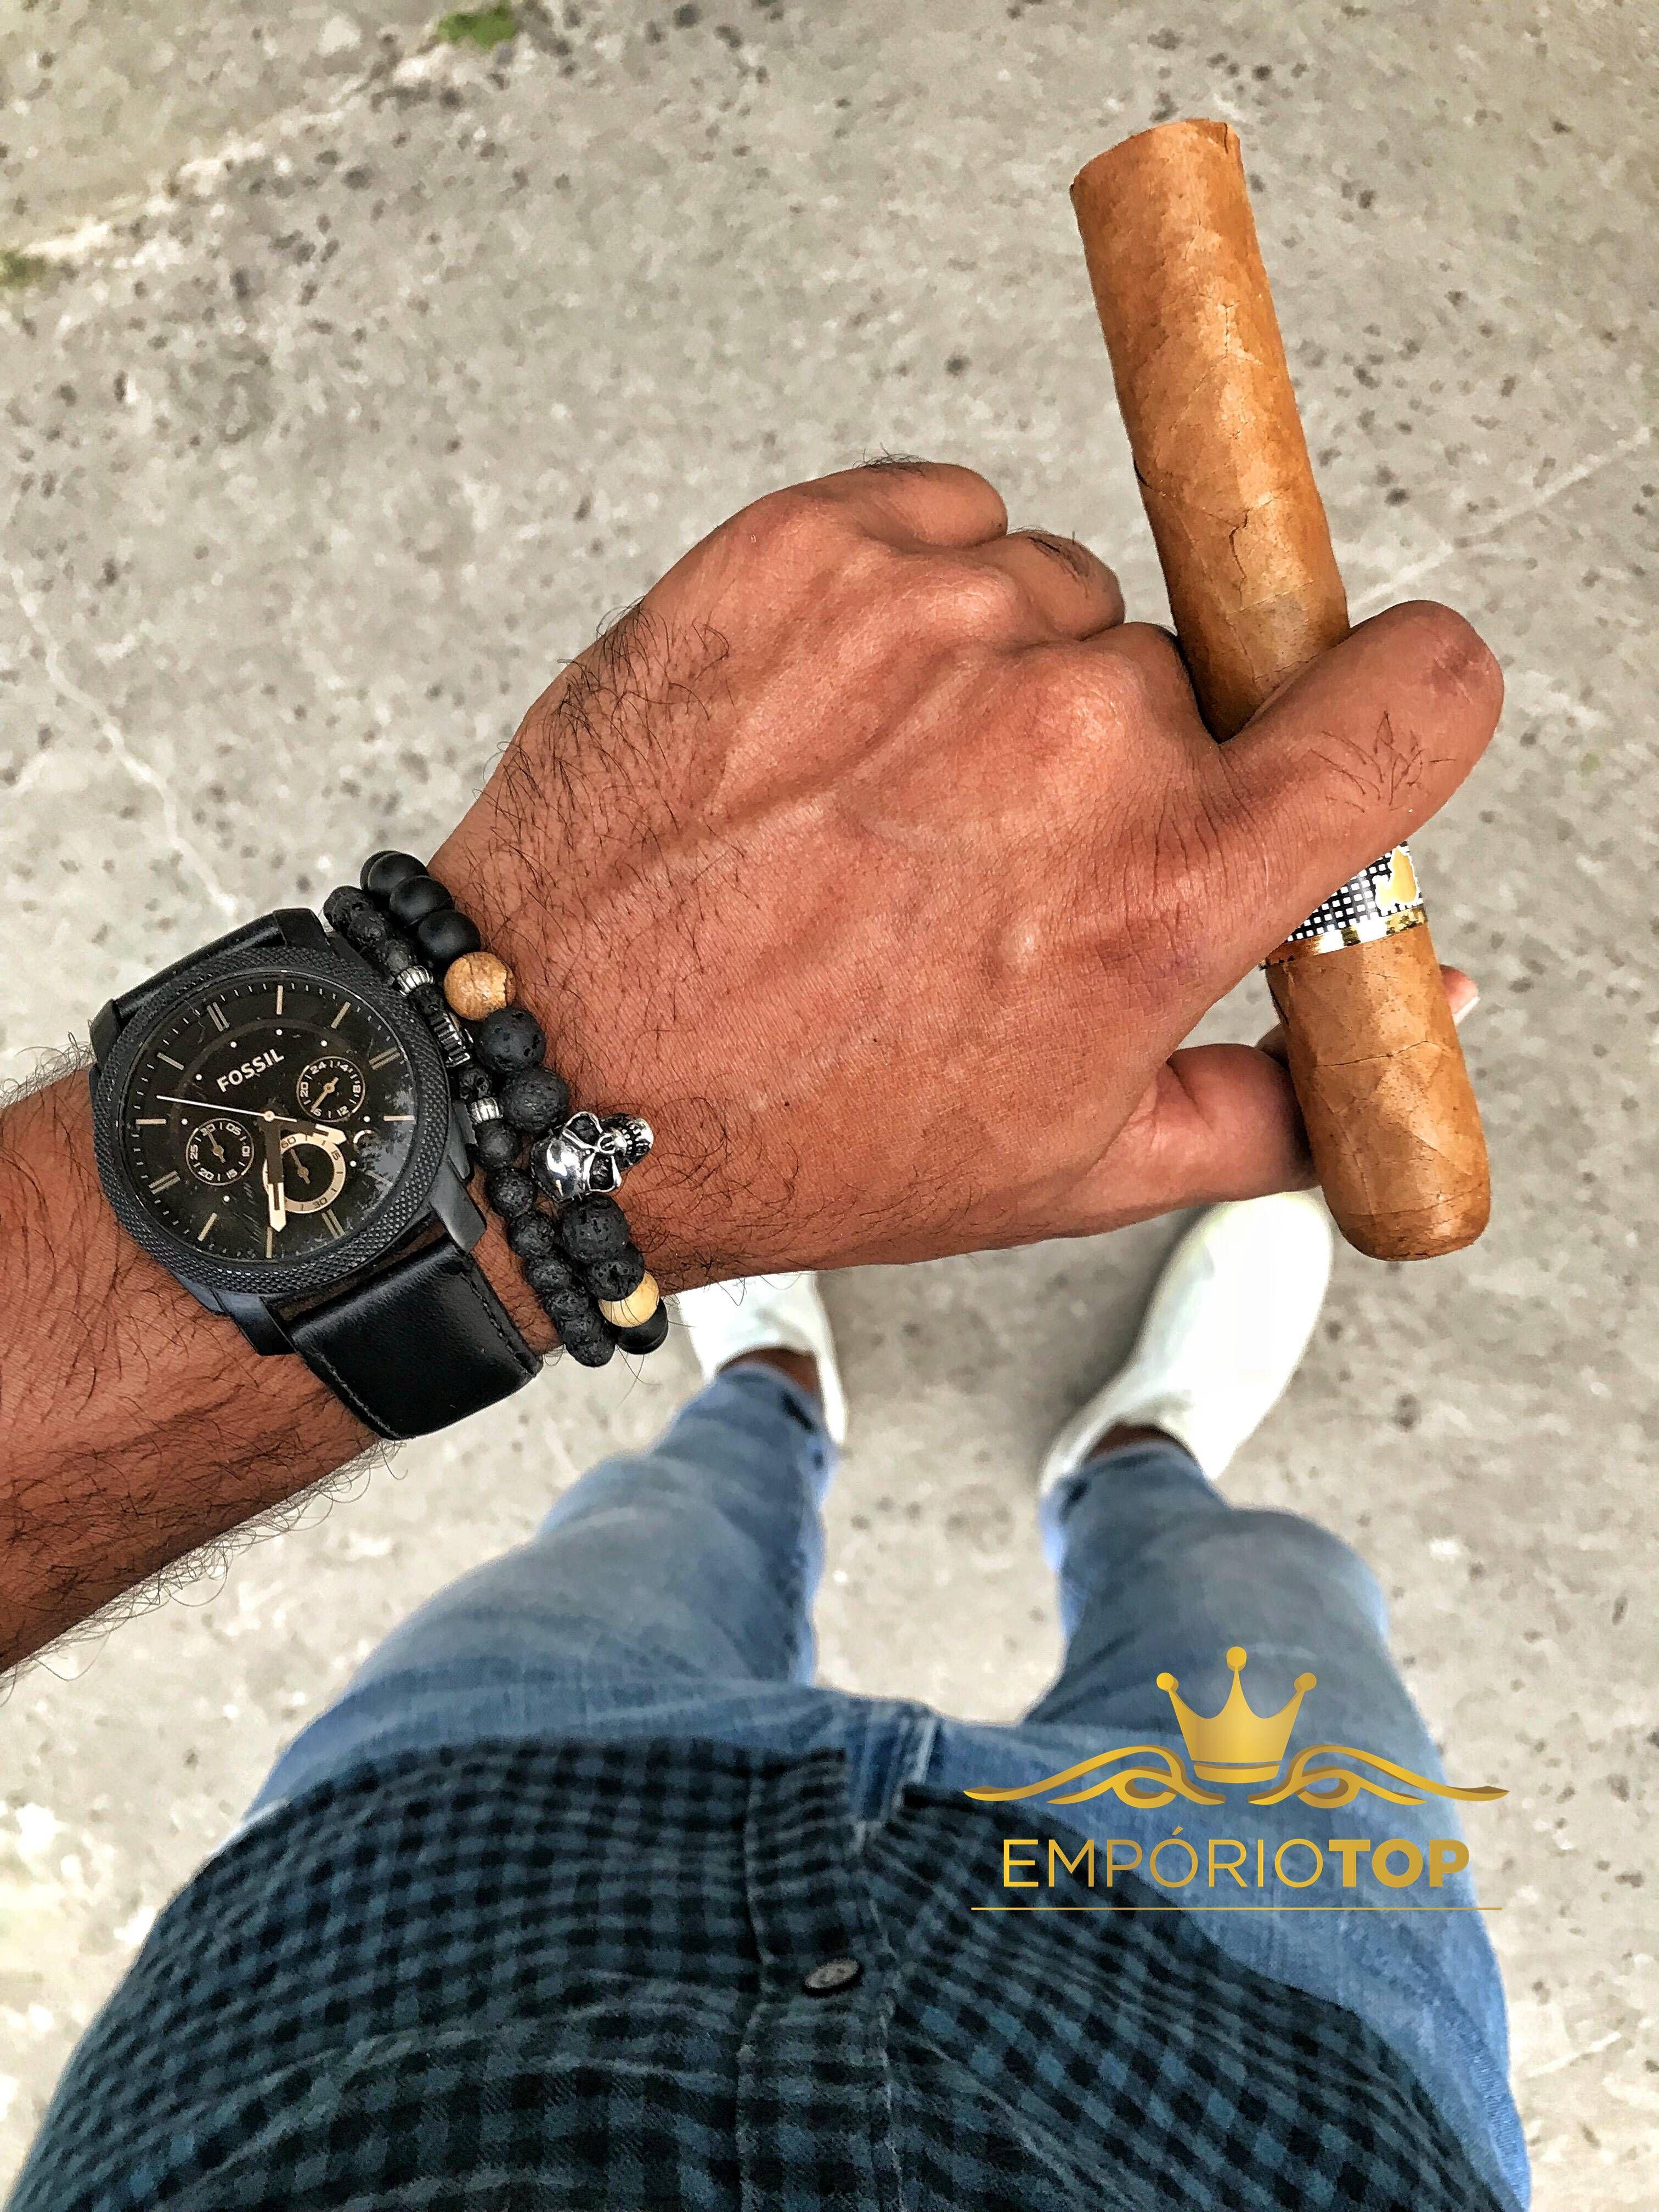 d4805b128e8b2 Pulseiras para combinar com o seu relógio  Que tal essa sugestão  .   pulseiradepedra  menstyle  estilo  pulseirismo  emporiotop   pulseiramasculina ...